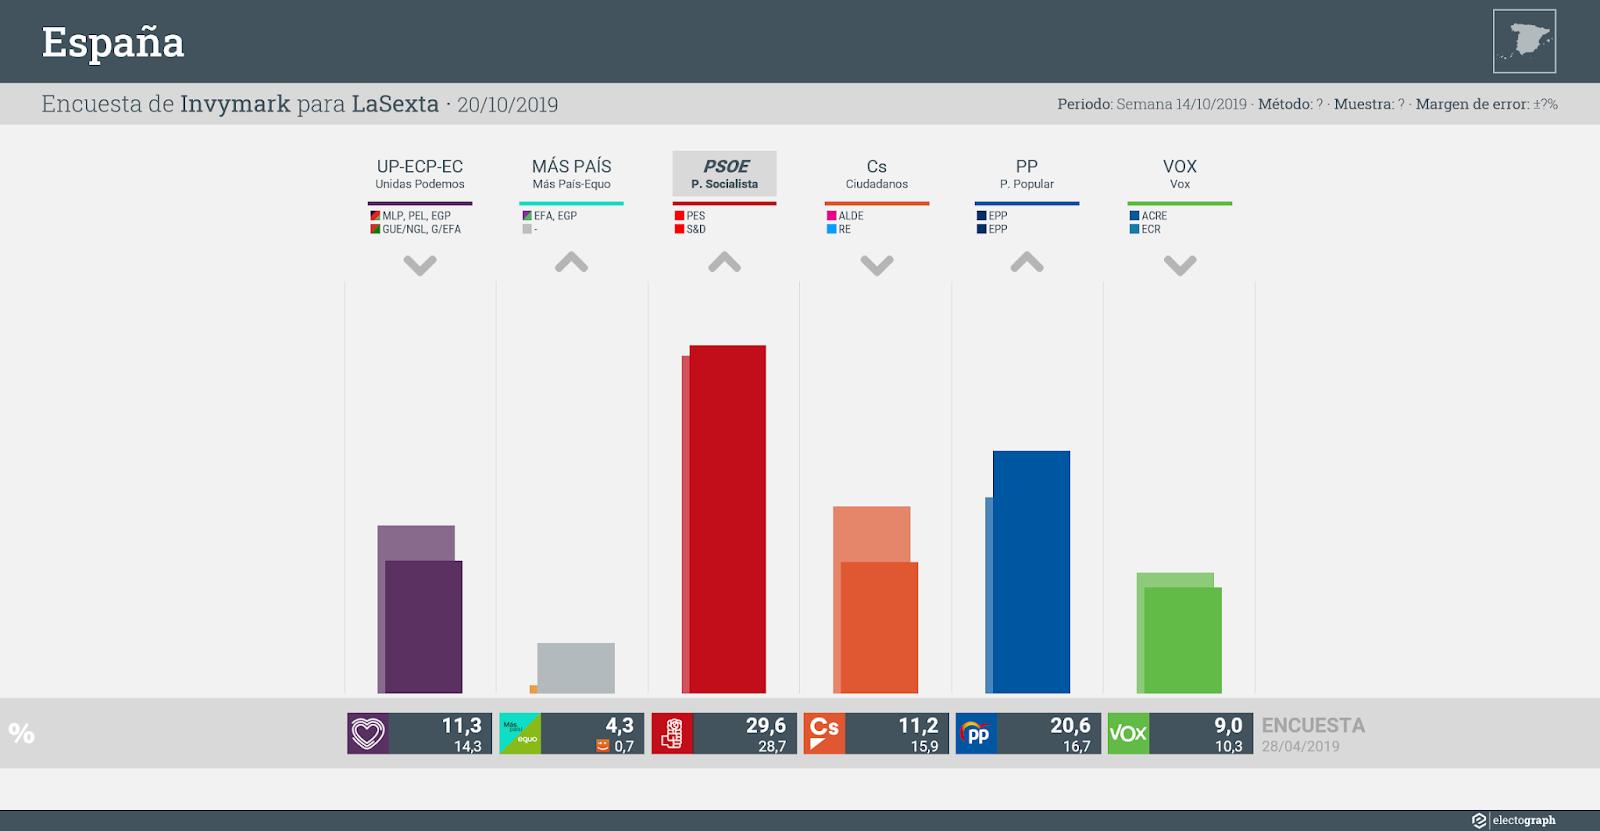 Gráfico de la encuesta para elecciones generales en España realizada por Invymark para LaSexta, 20 de octubre de 2019